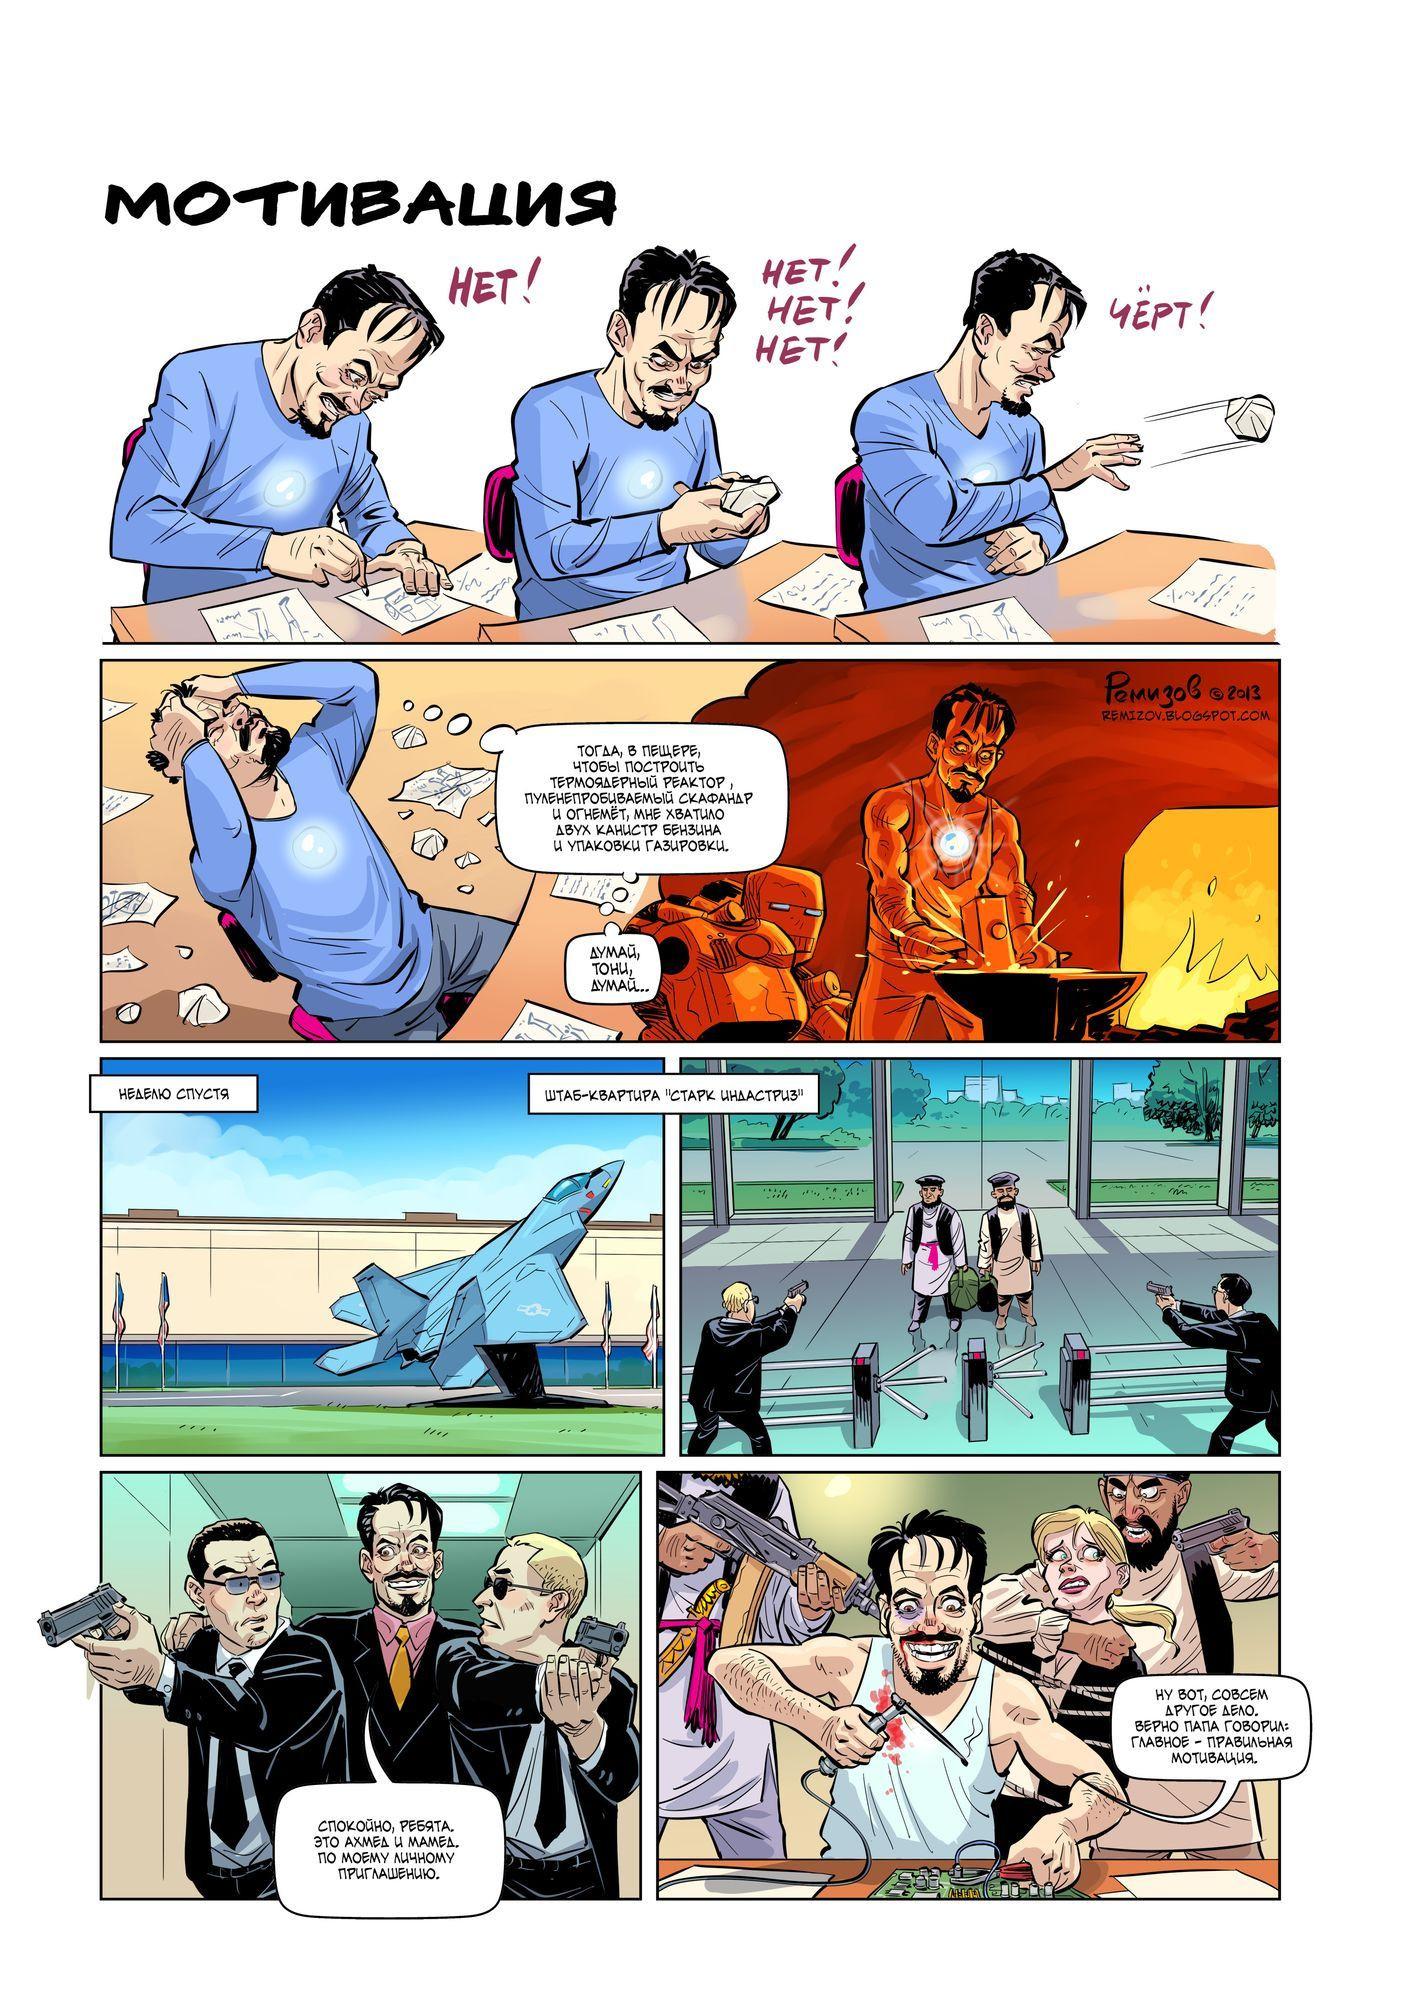 Железный человек, Iron man, комиксы, мотивация